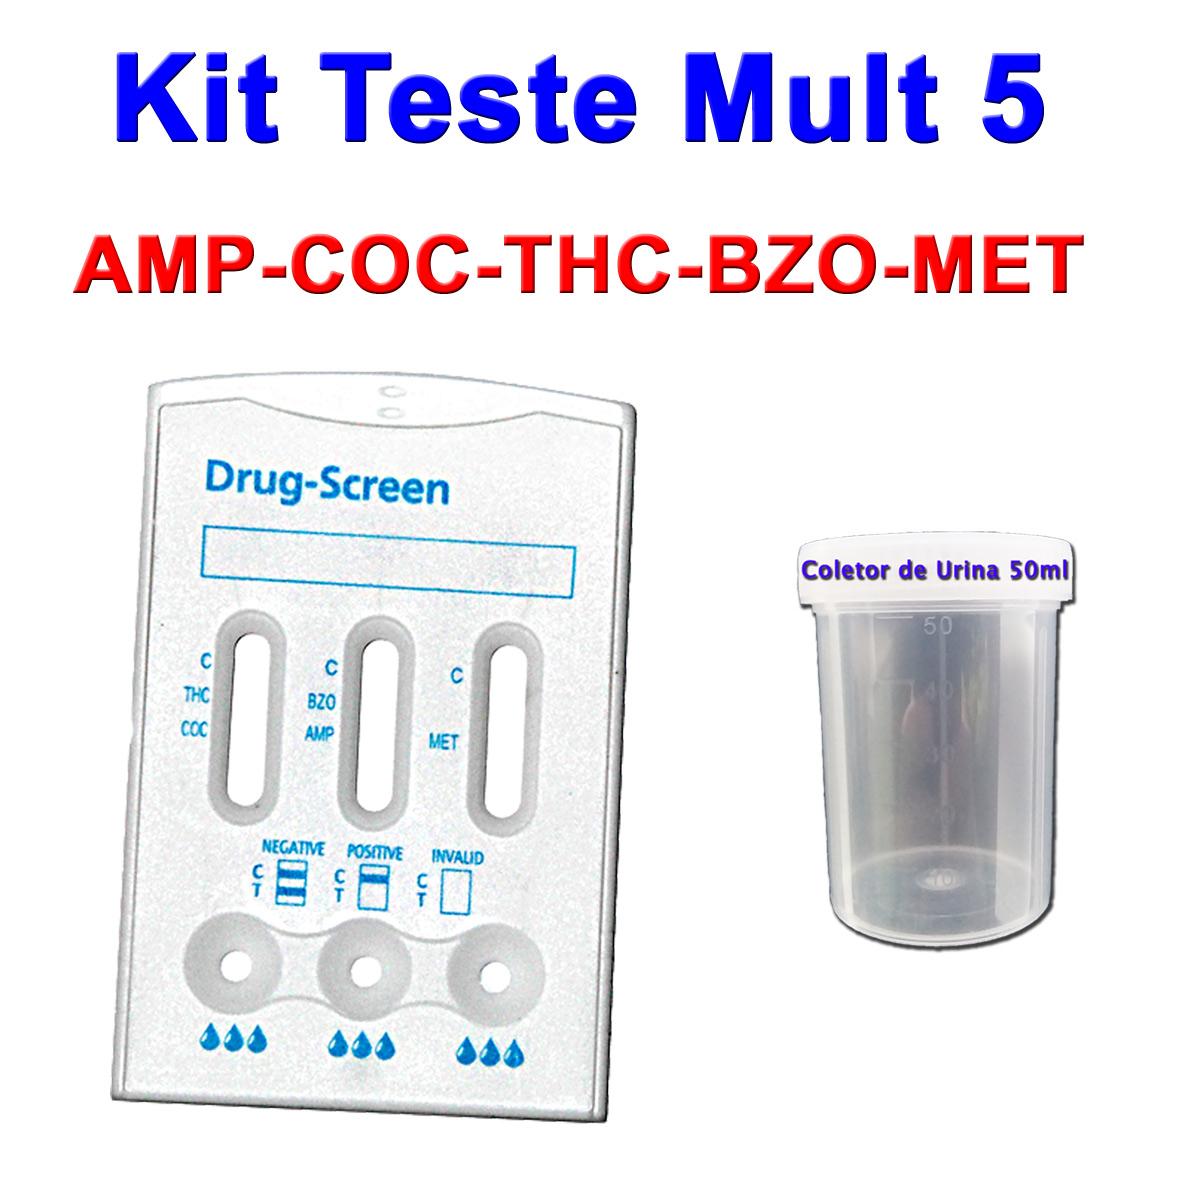 25 kits Para Teste Mult 5  - Loja Saúde - Diagnósticos e Produtos Naturais